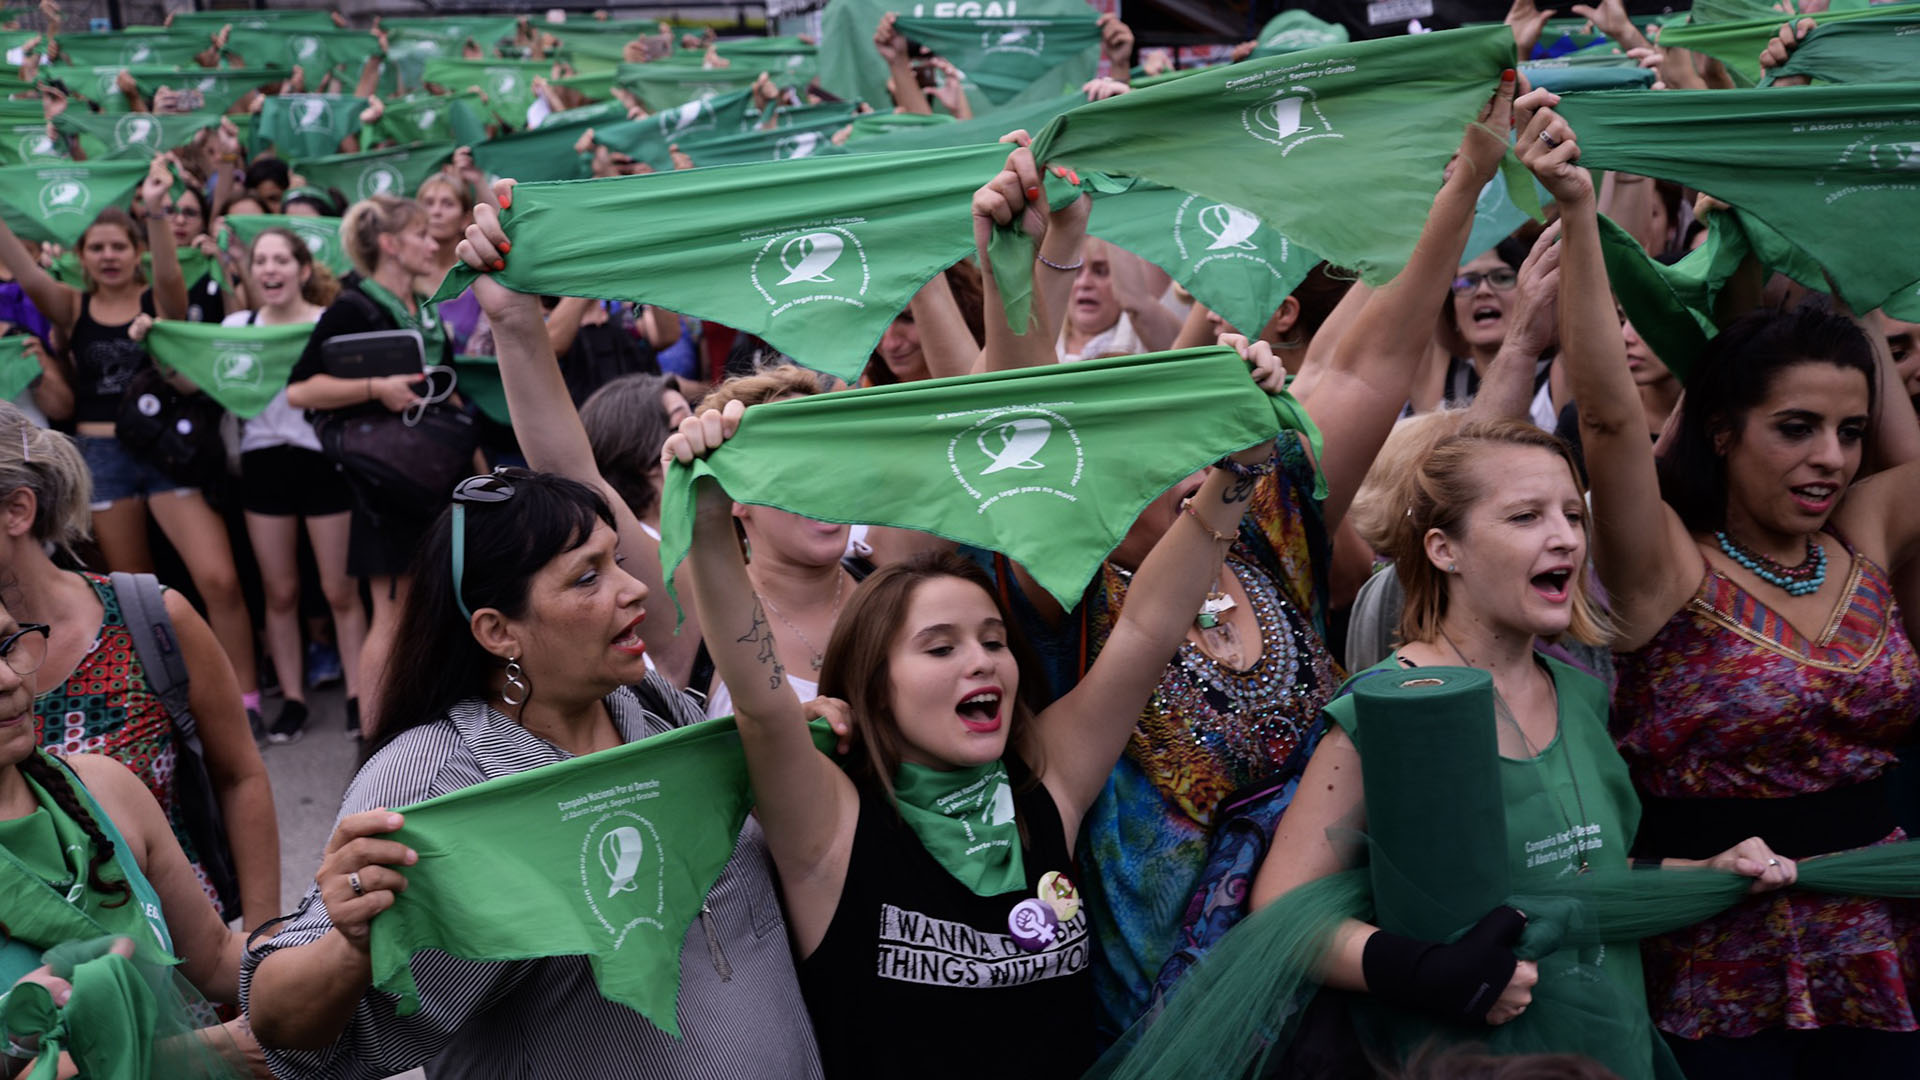 Masiva movilización que se realizó frente al Congreso a favor de la despenalización del aborto (Julieta Ferrario)